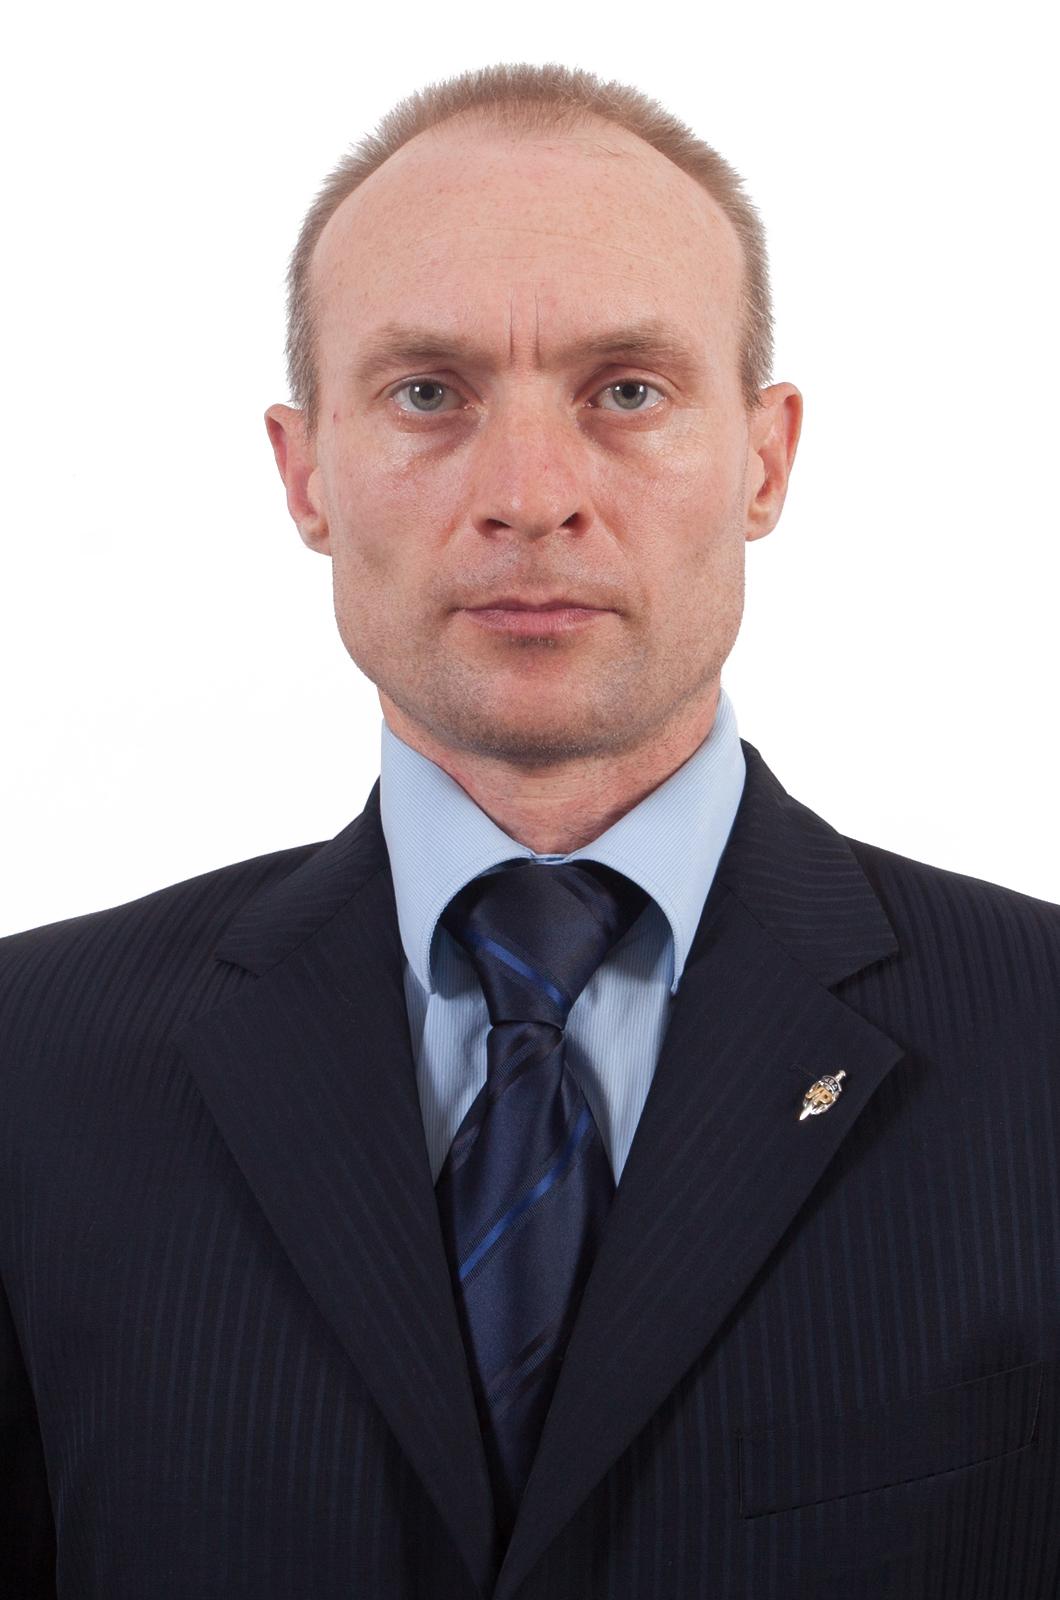 """Фрачный значок  """"Уголовный розыск МВД""""-вид на пиджаке"""